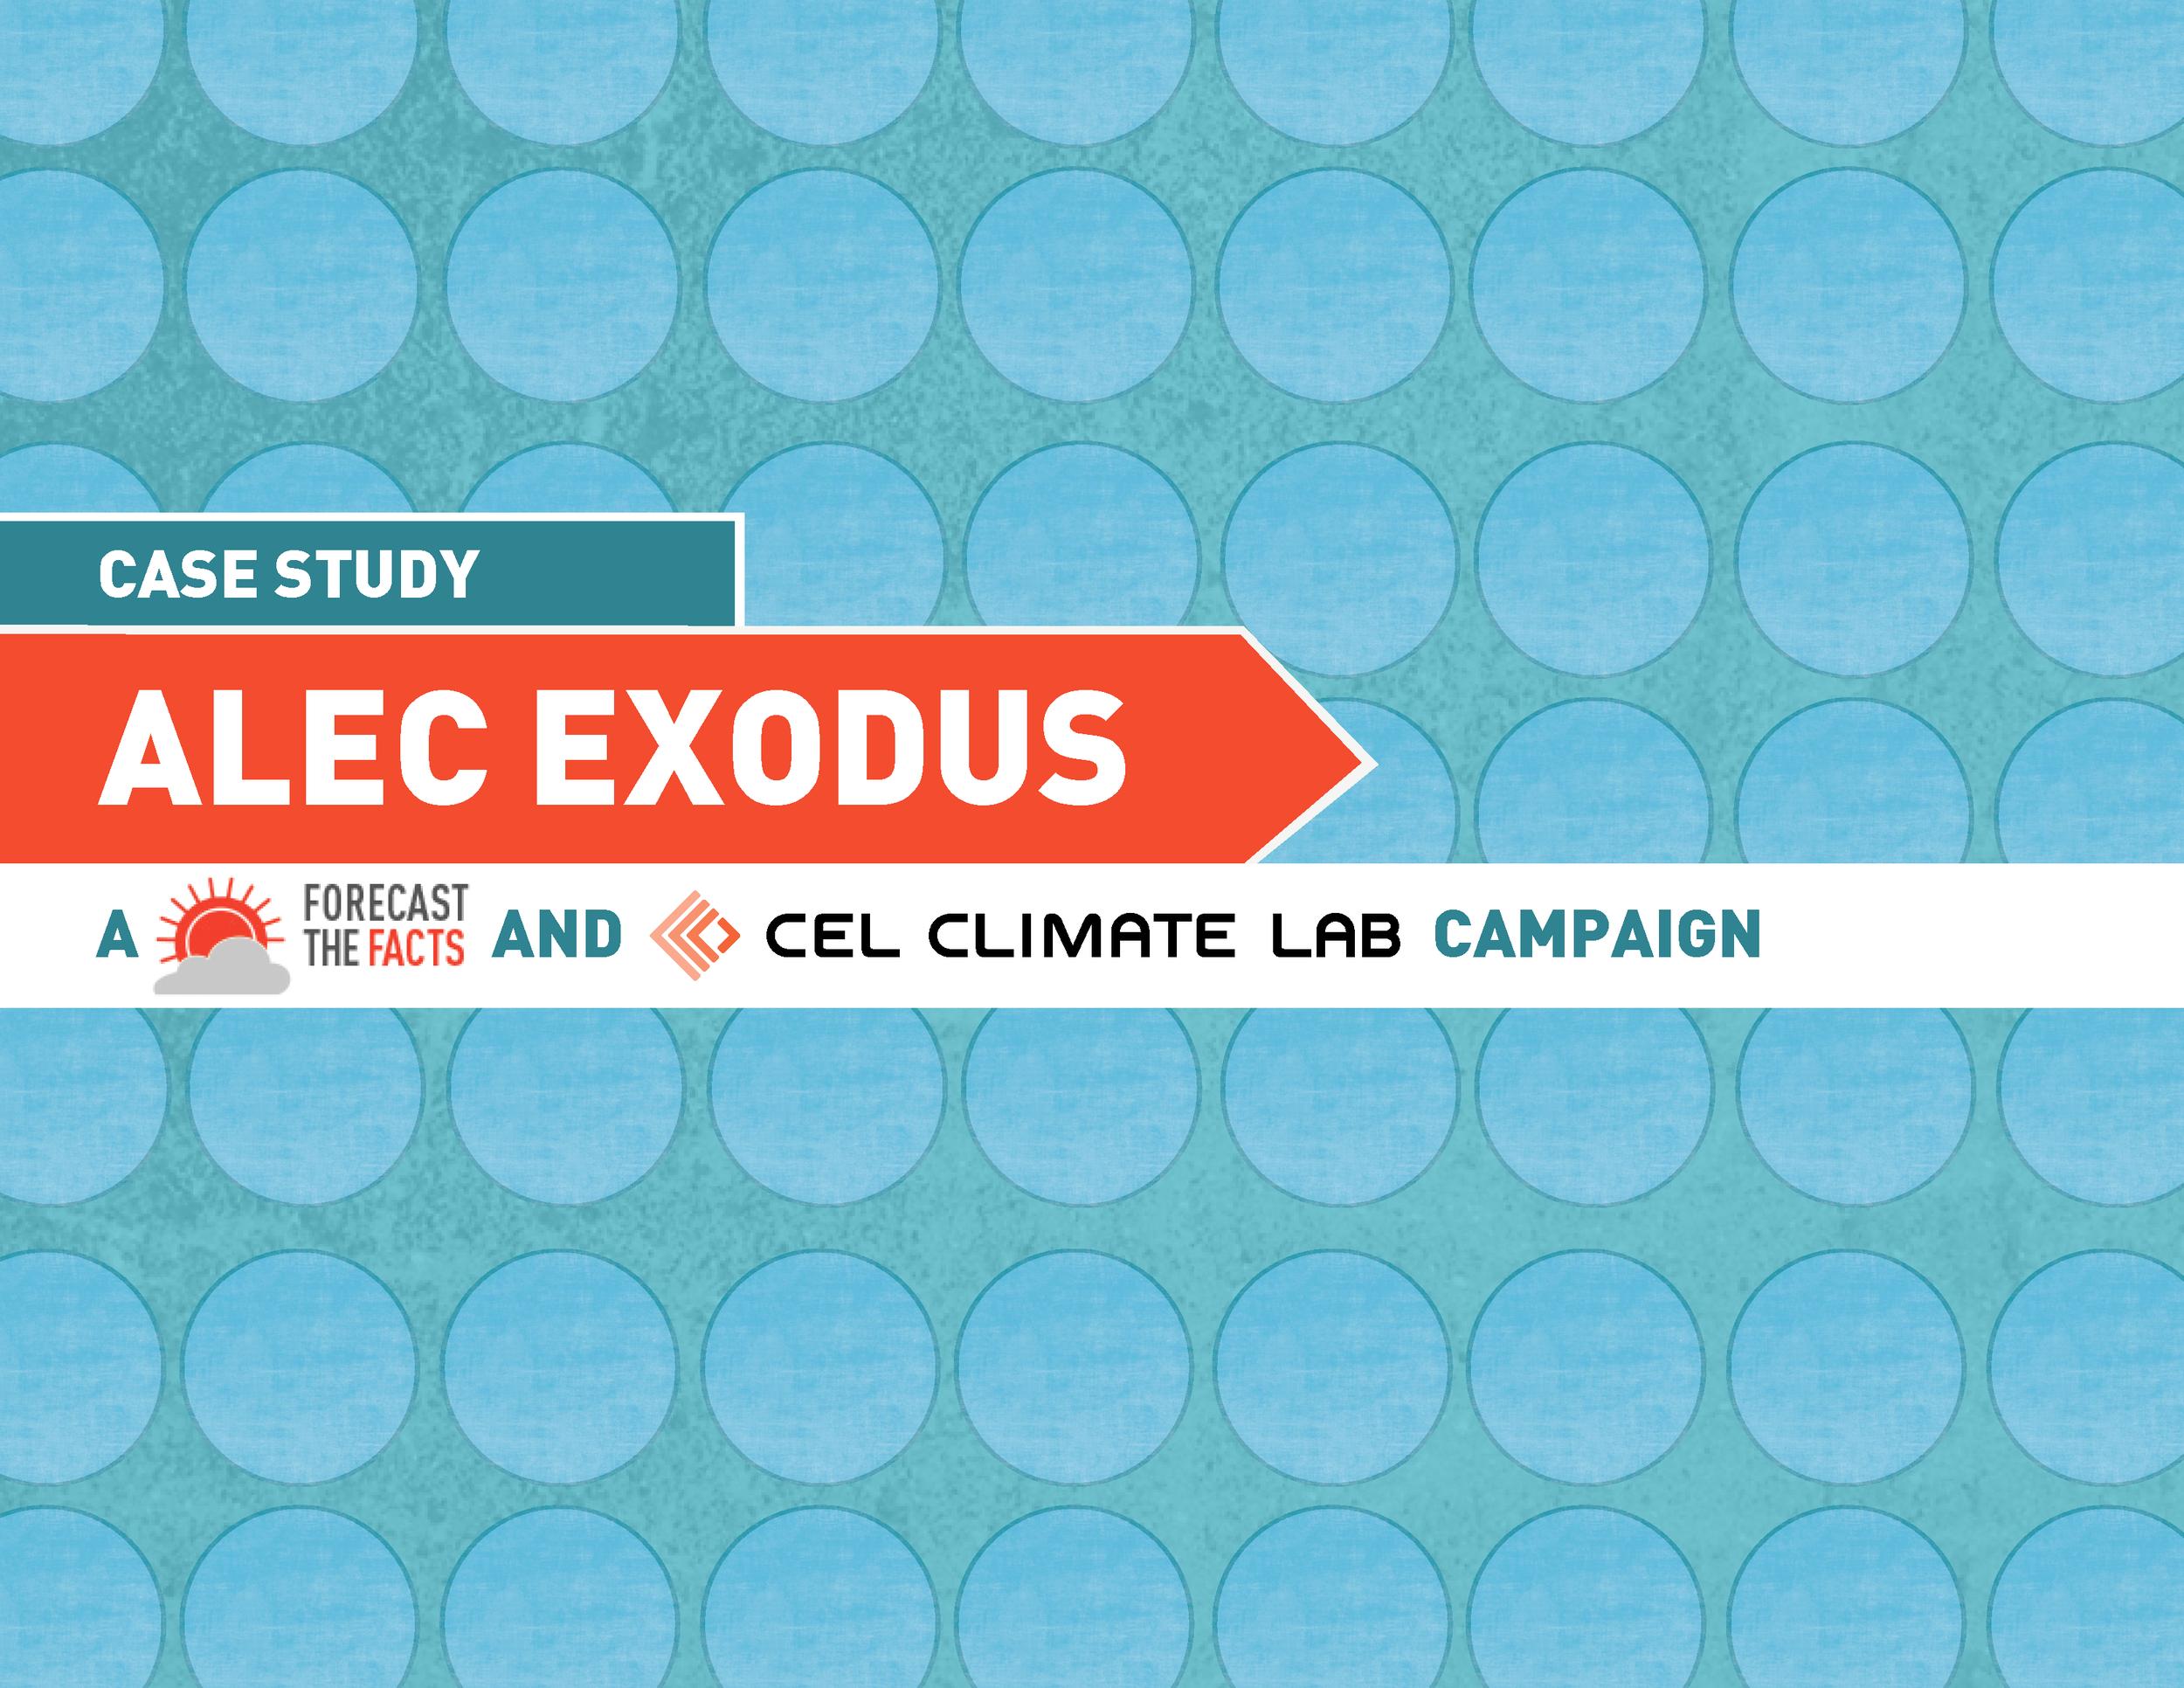 Presentation Design: ALEC Exodus